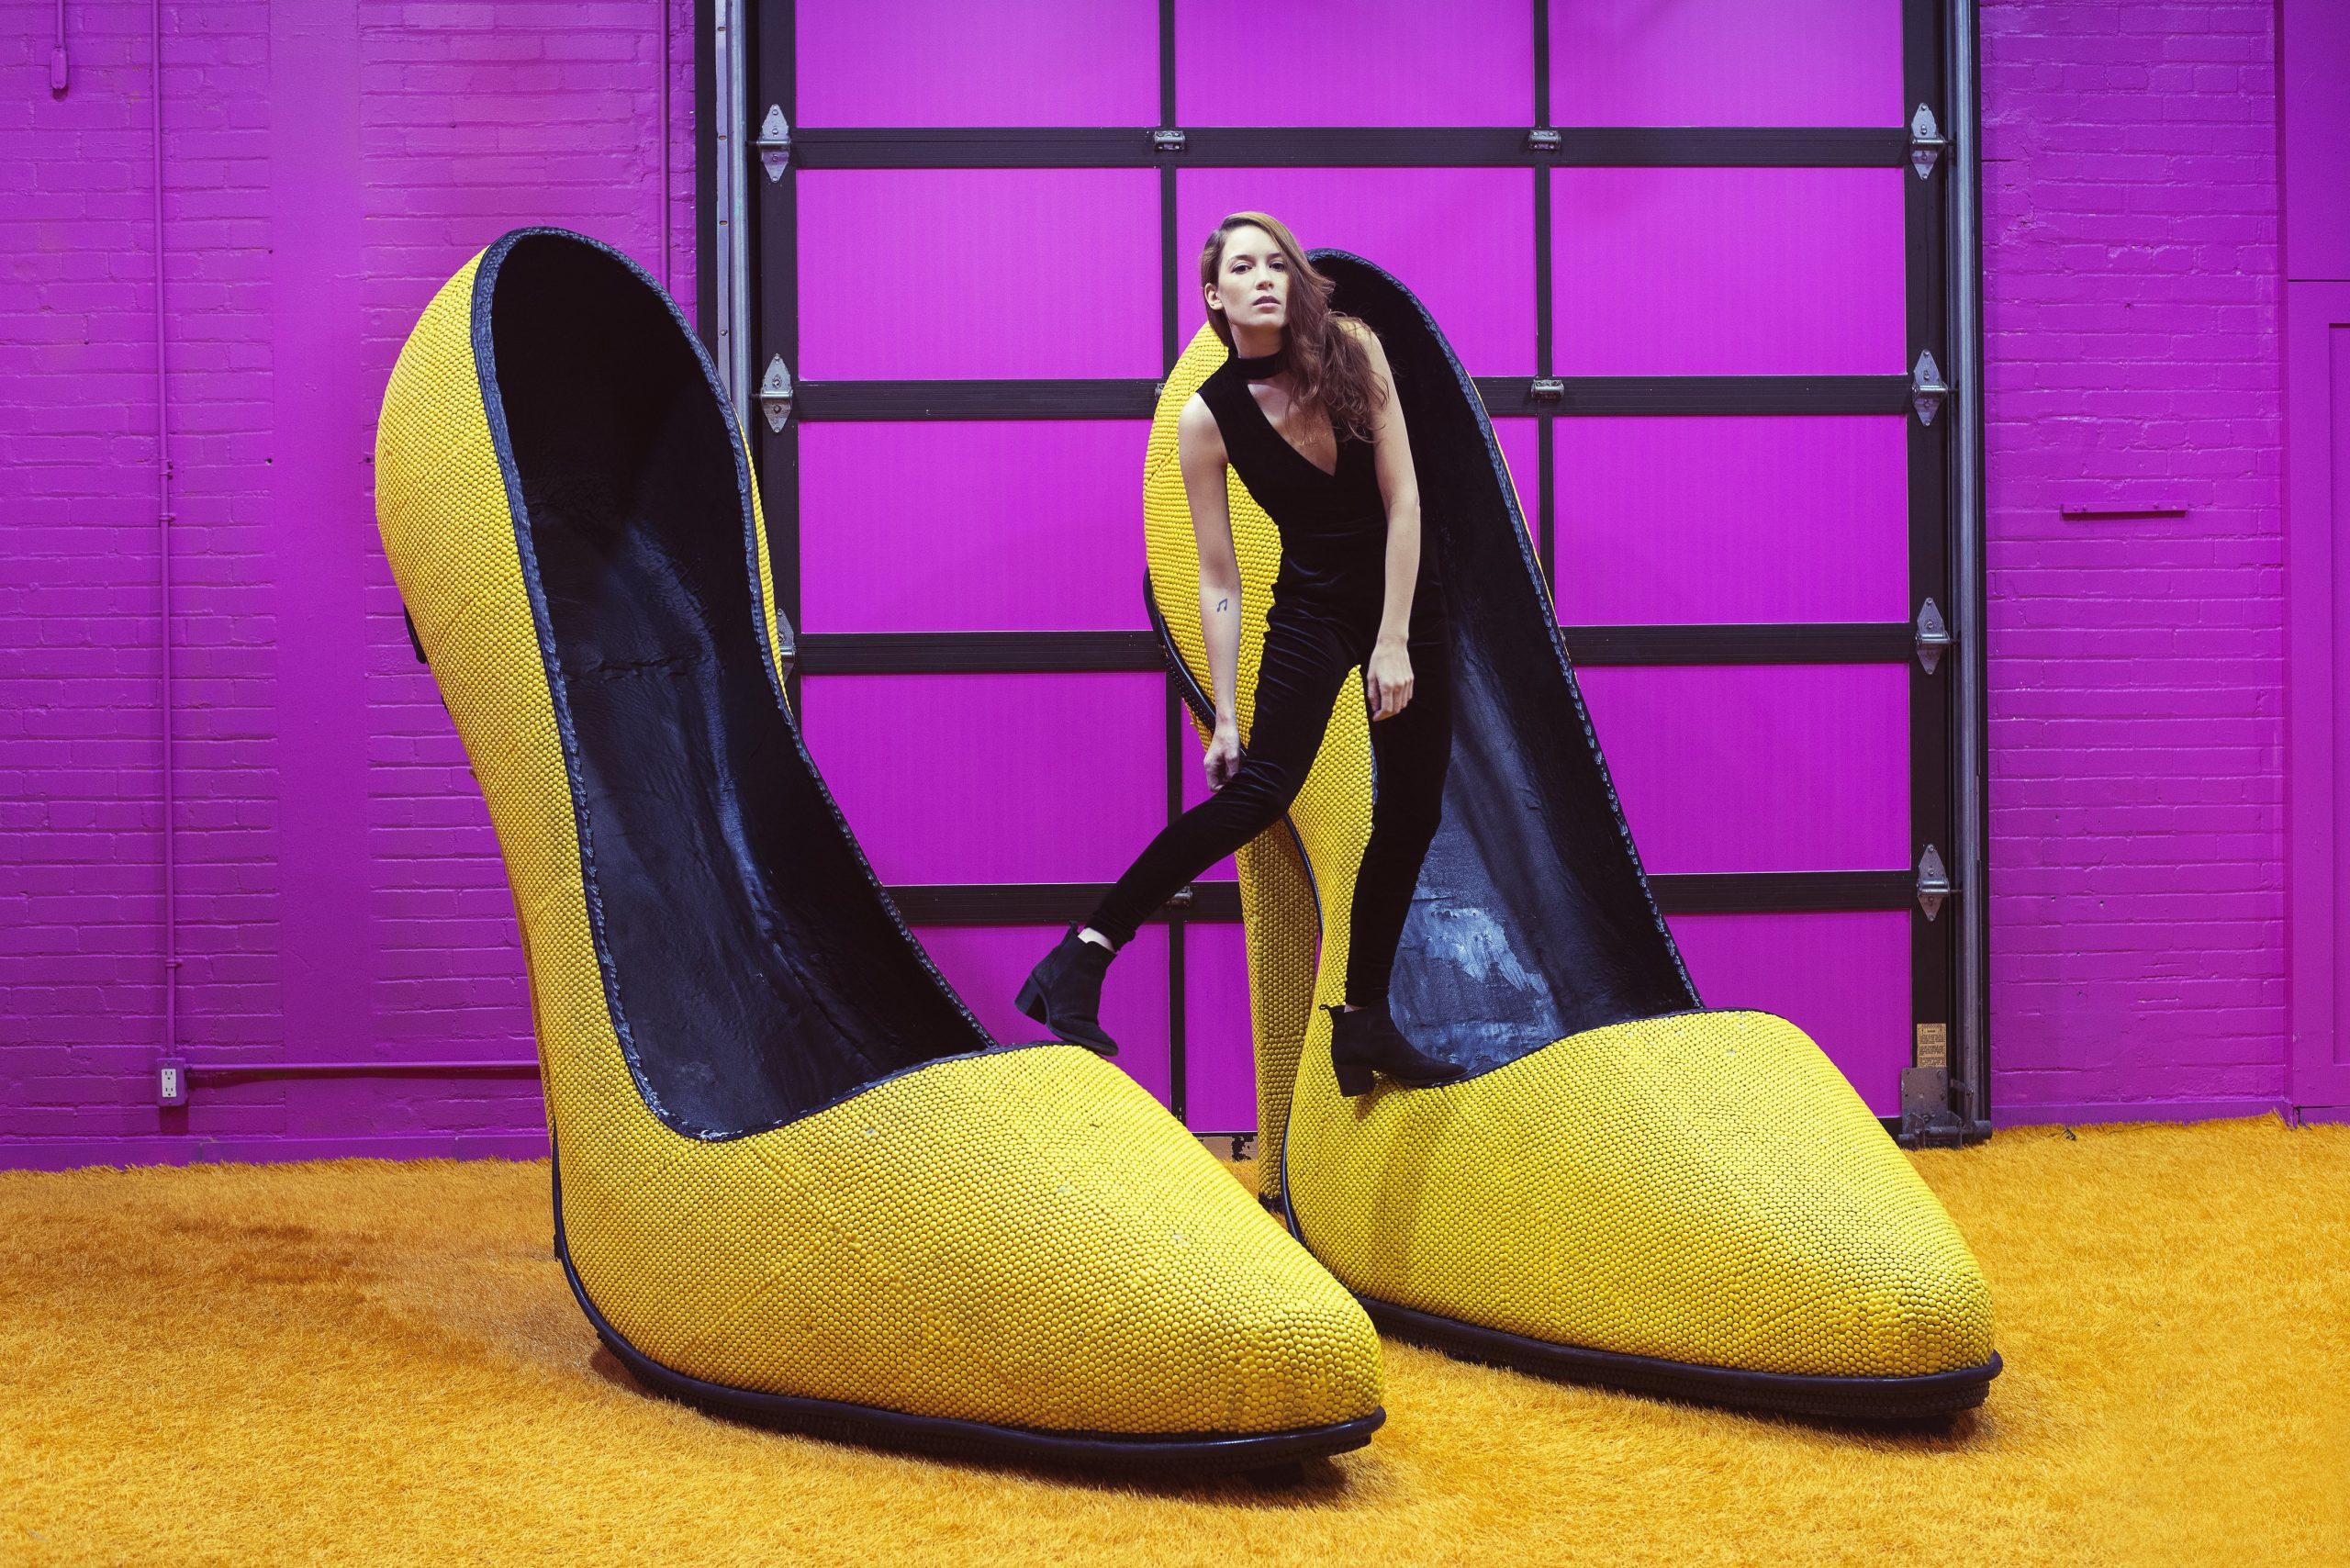 Enfin de vraies chaussures pour femmes en petites pointures !